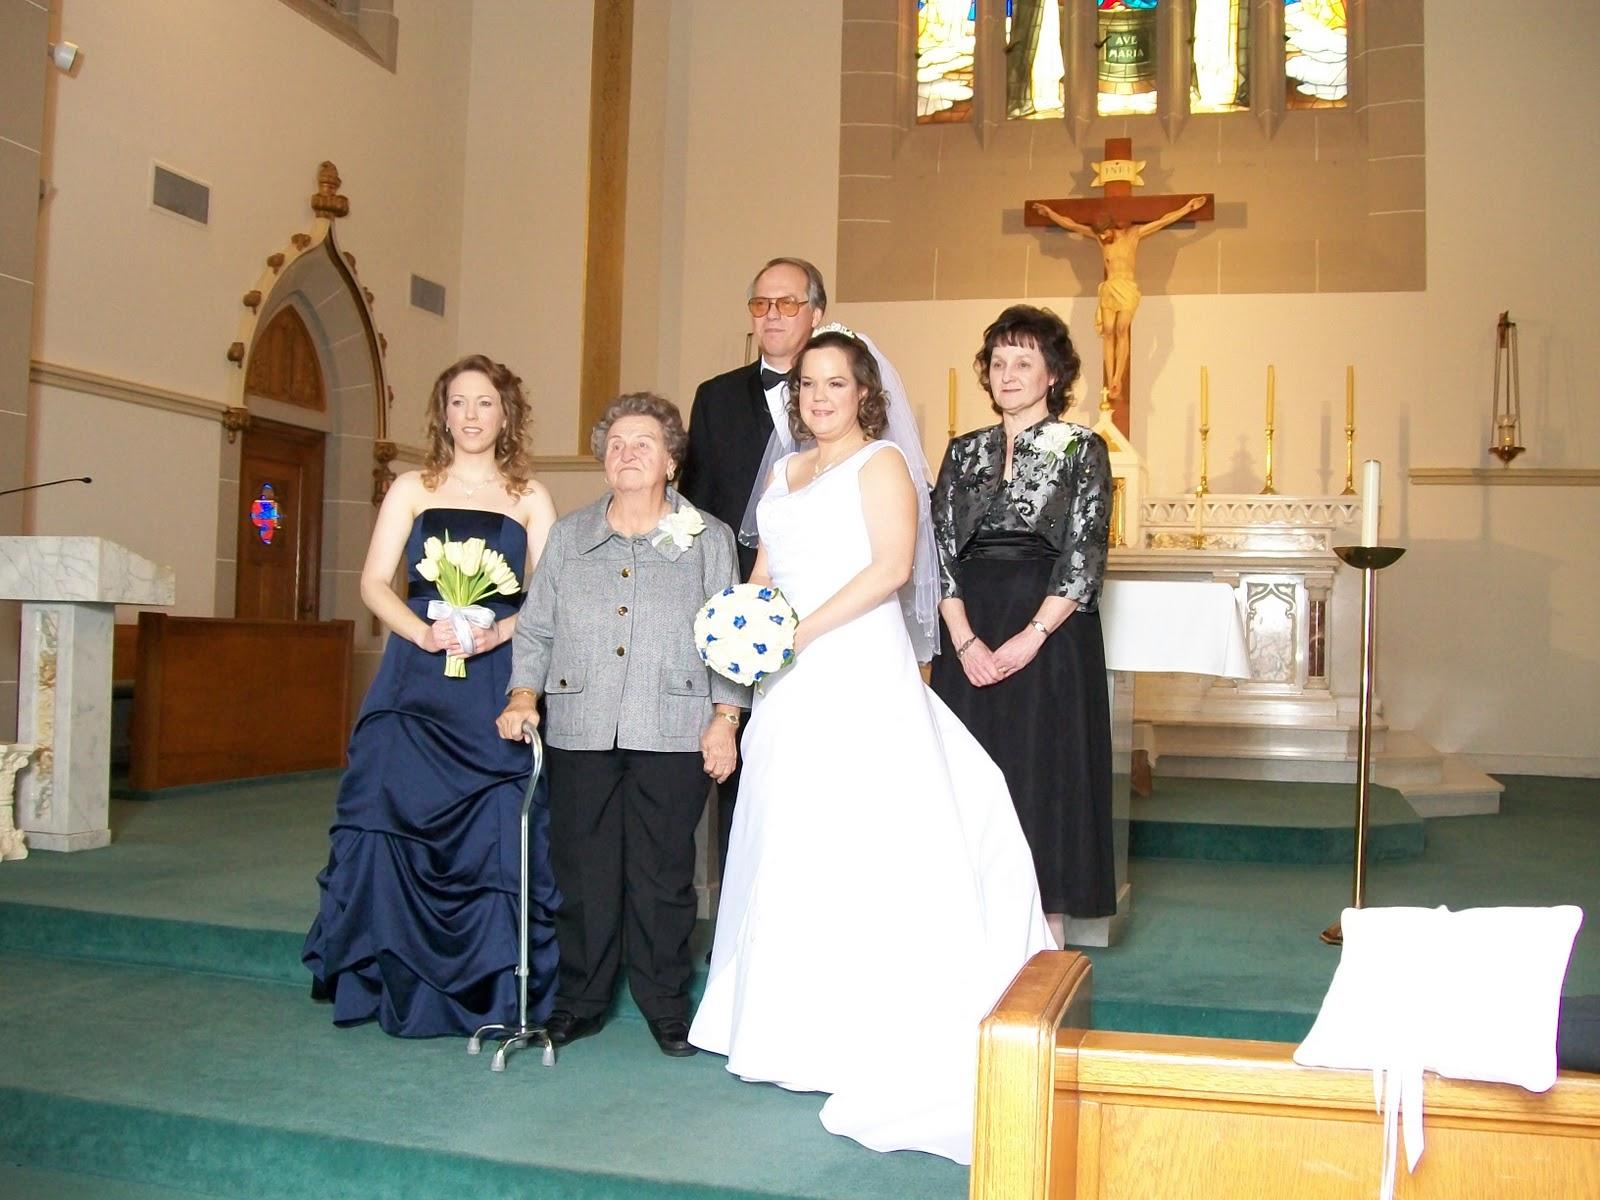 Our Wedding, photos by Joan Moeller - 100_0371.JPG